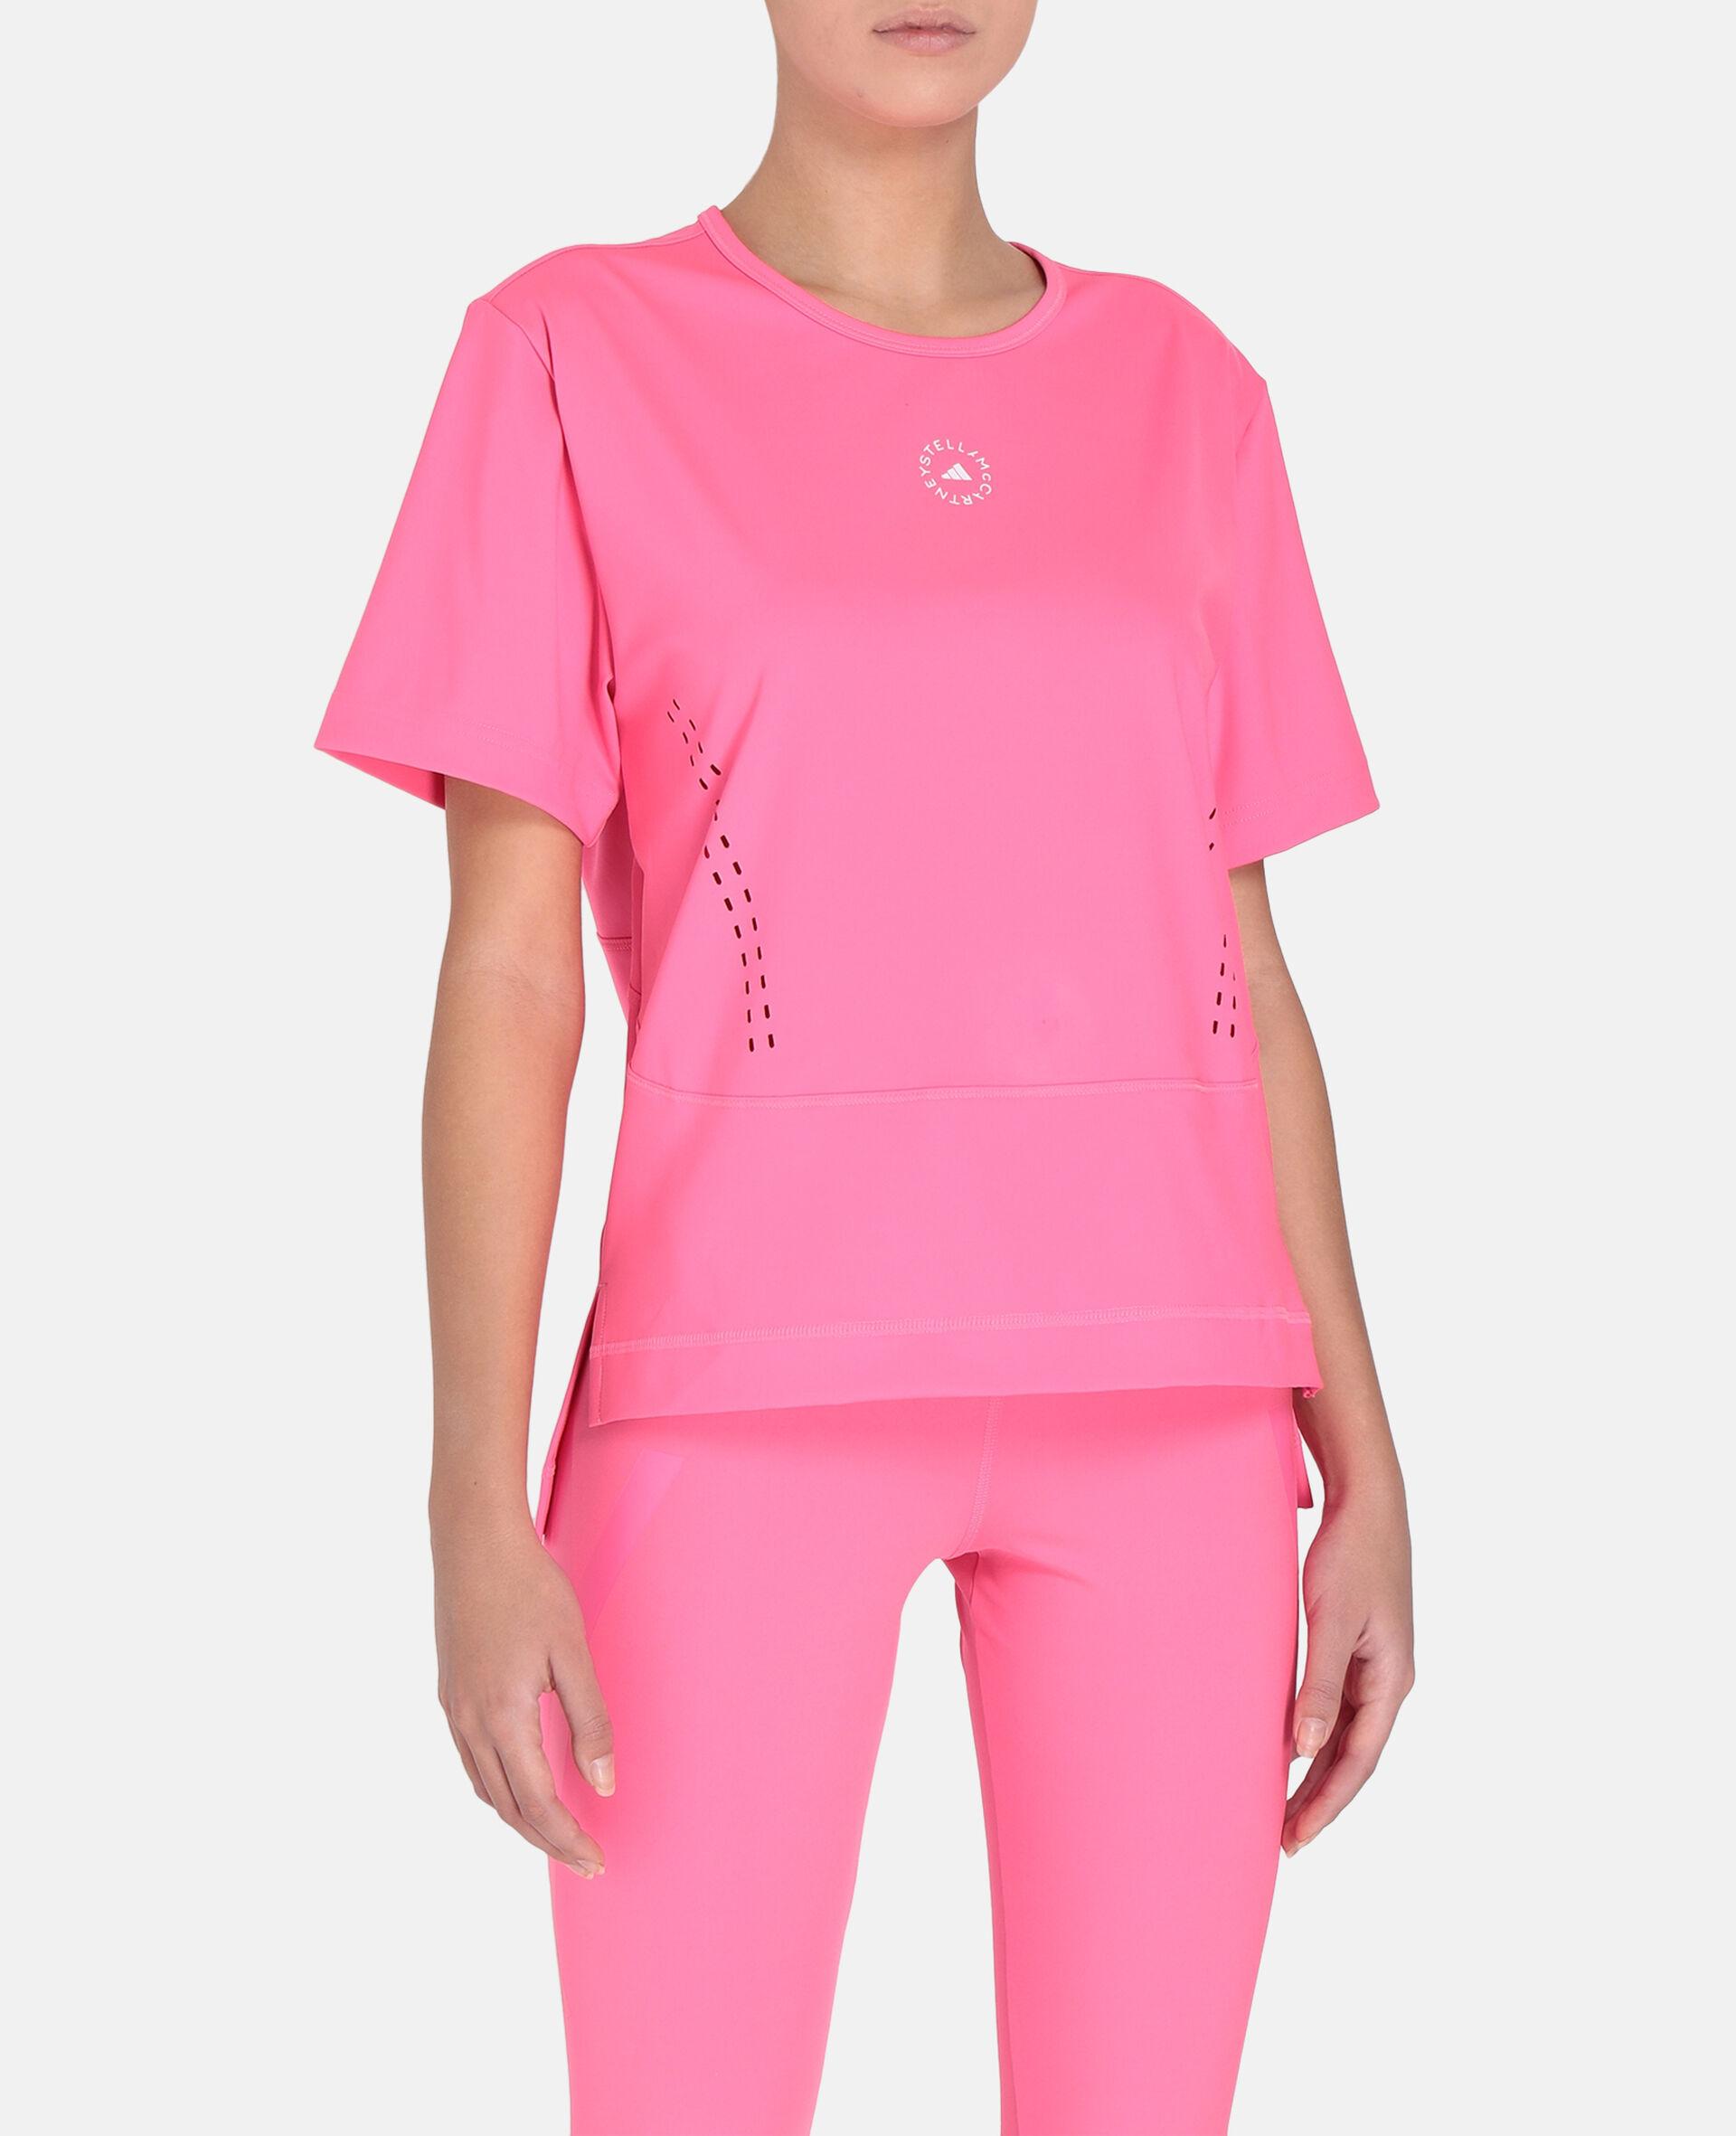 TrueStrength Lockeres T-Shirt-Rose-large image number 4